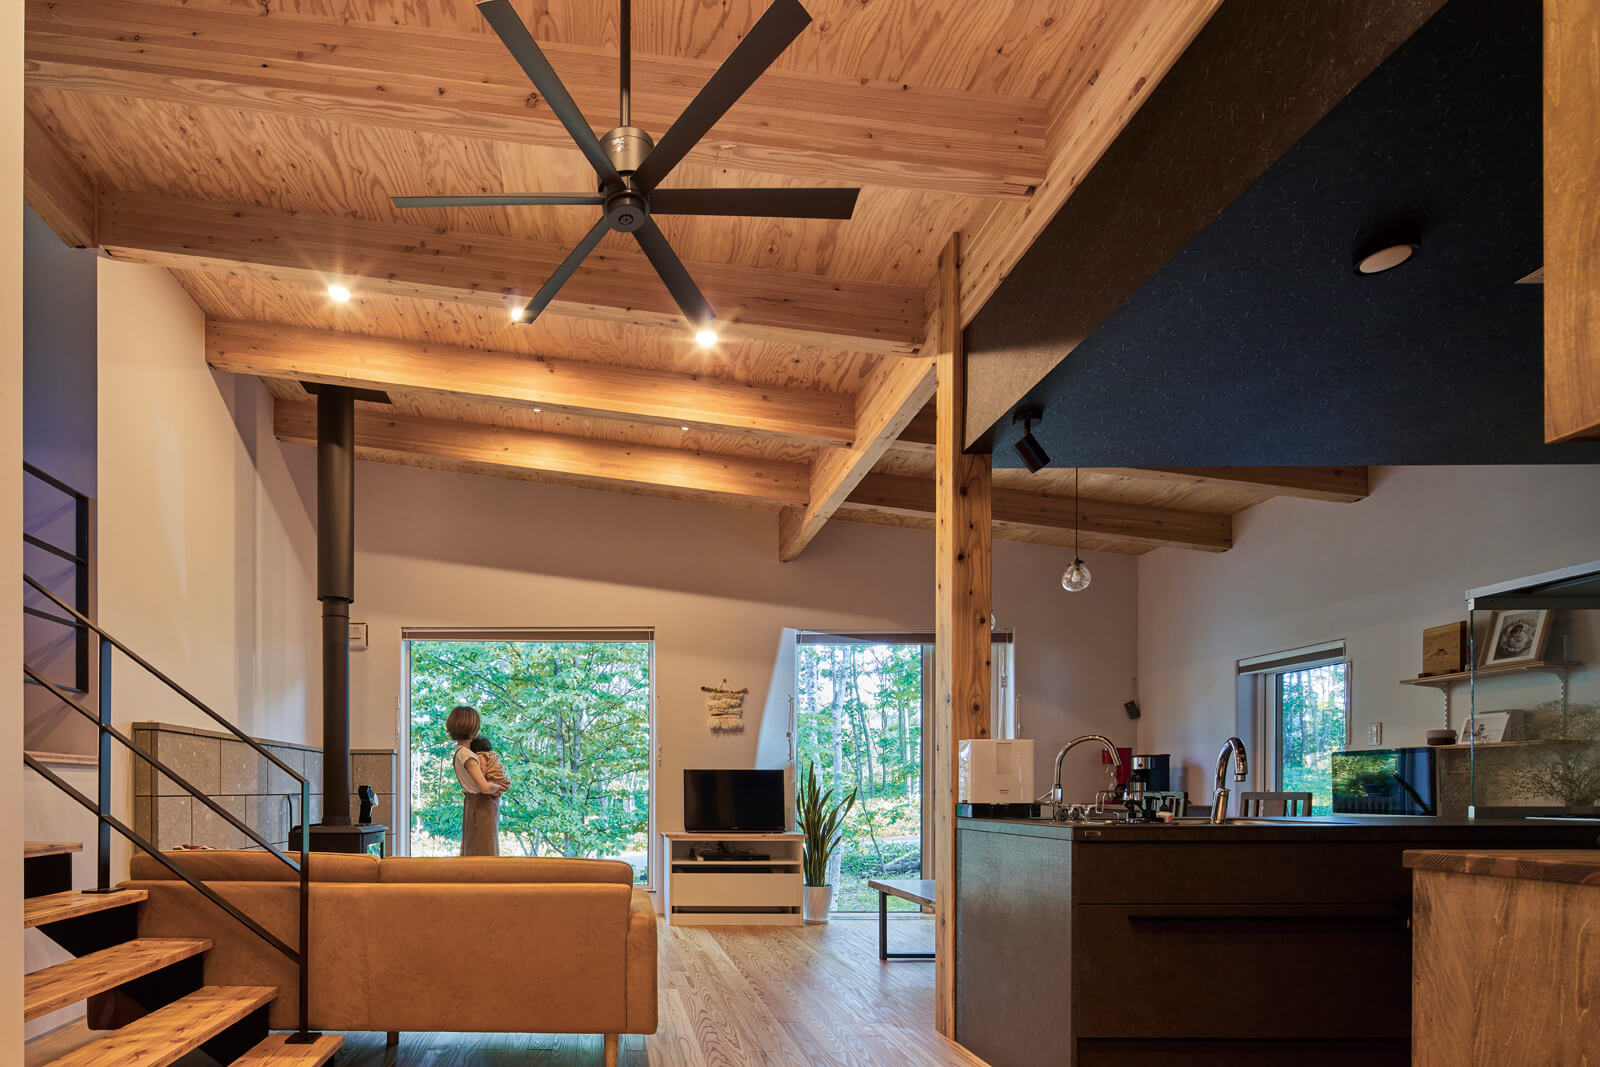 水野建設の提案で天井現しにしたリビング・ダイニング。素地仕上げの材と道産カラマツの床、大開口から染み込む木々の緑が、家族団らんの場に自然の息吹を運ぶ